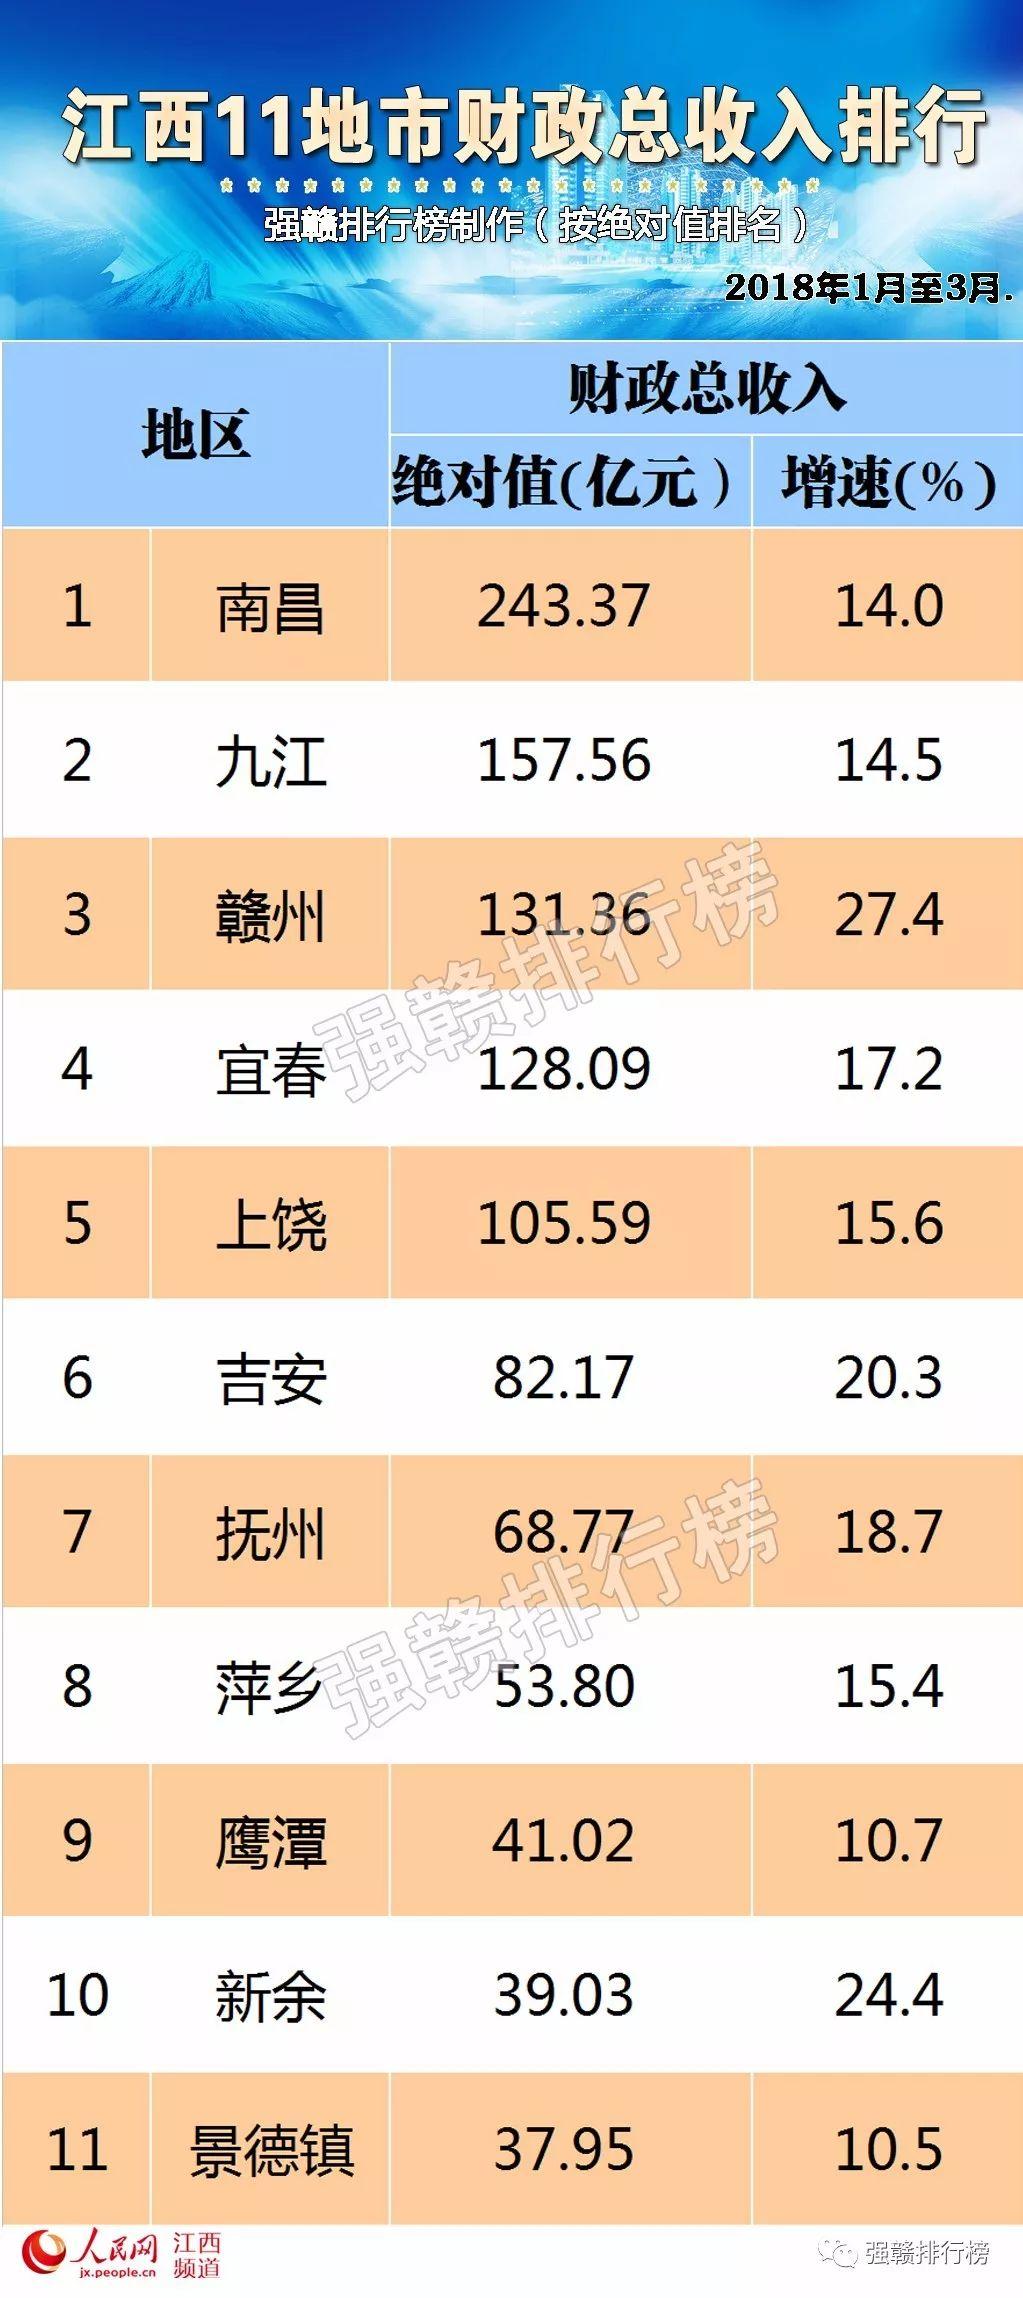 江西城市gdp排名最新_景德镇在江西省的GDP排名前十强,拿到安徽省可排名第几(3)